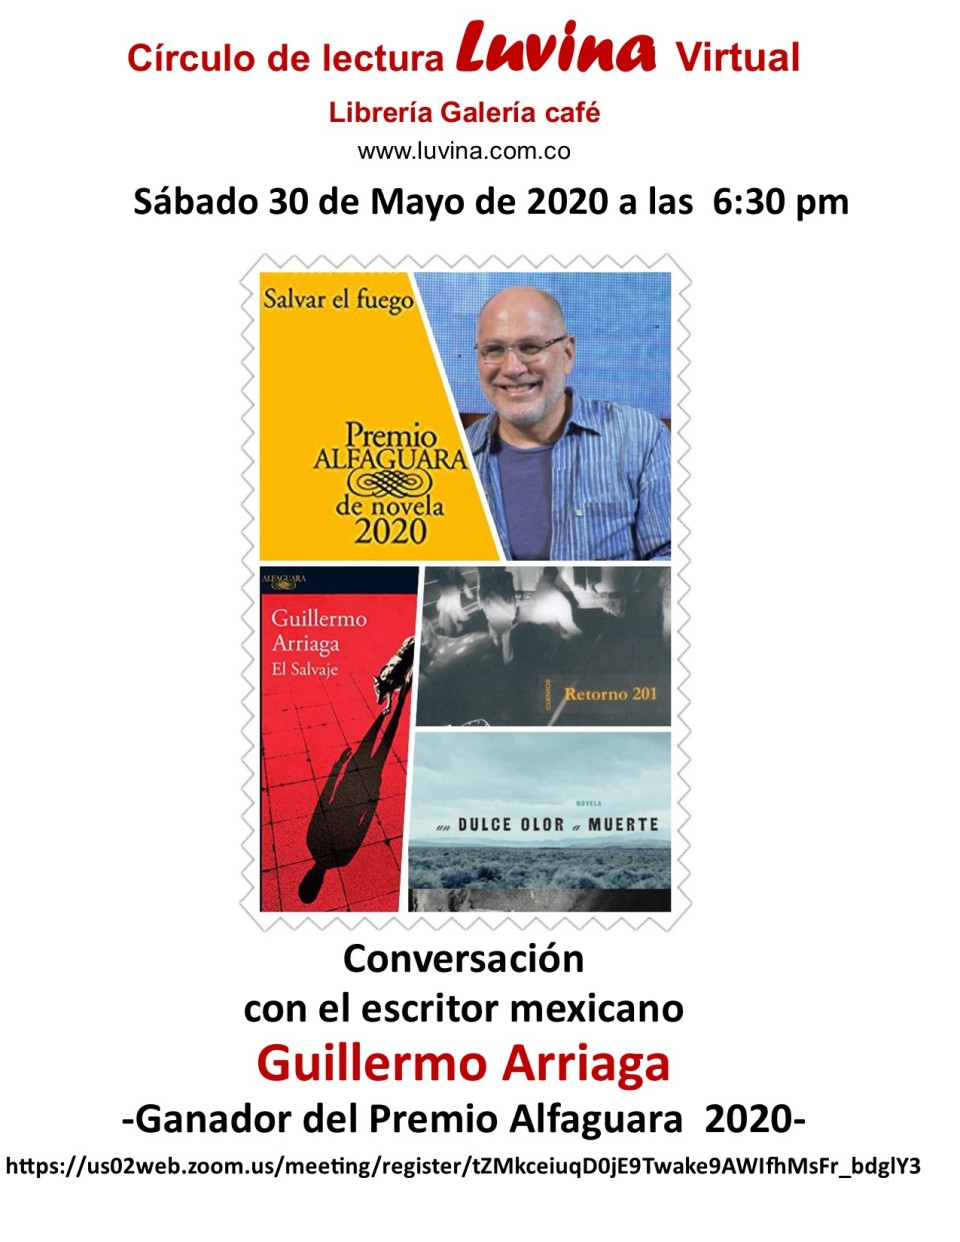 presentación de Guillermo Arriaga3